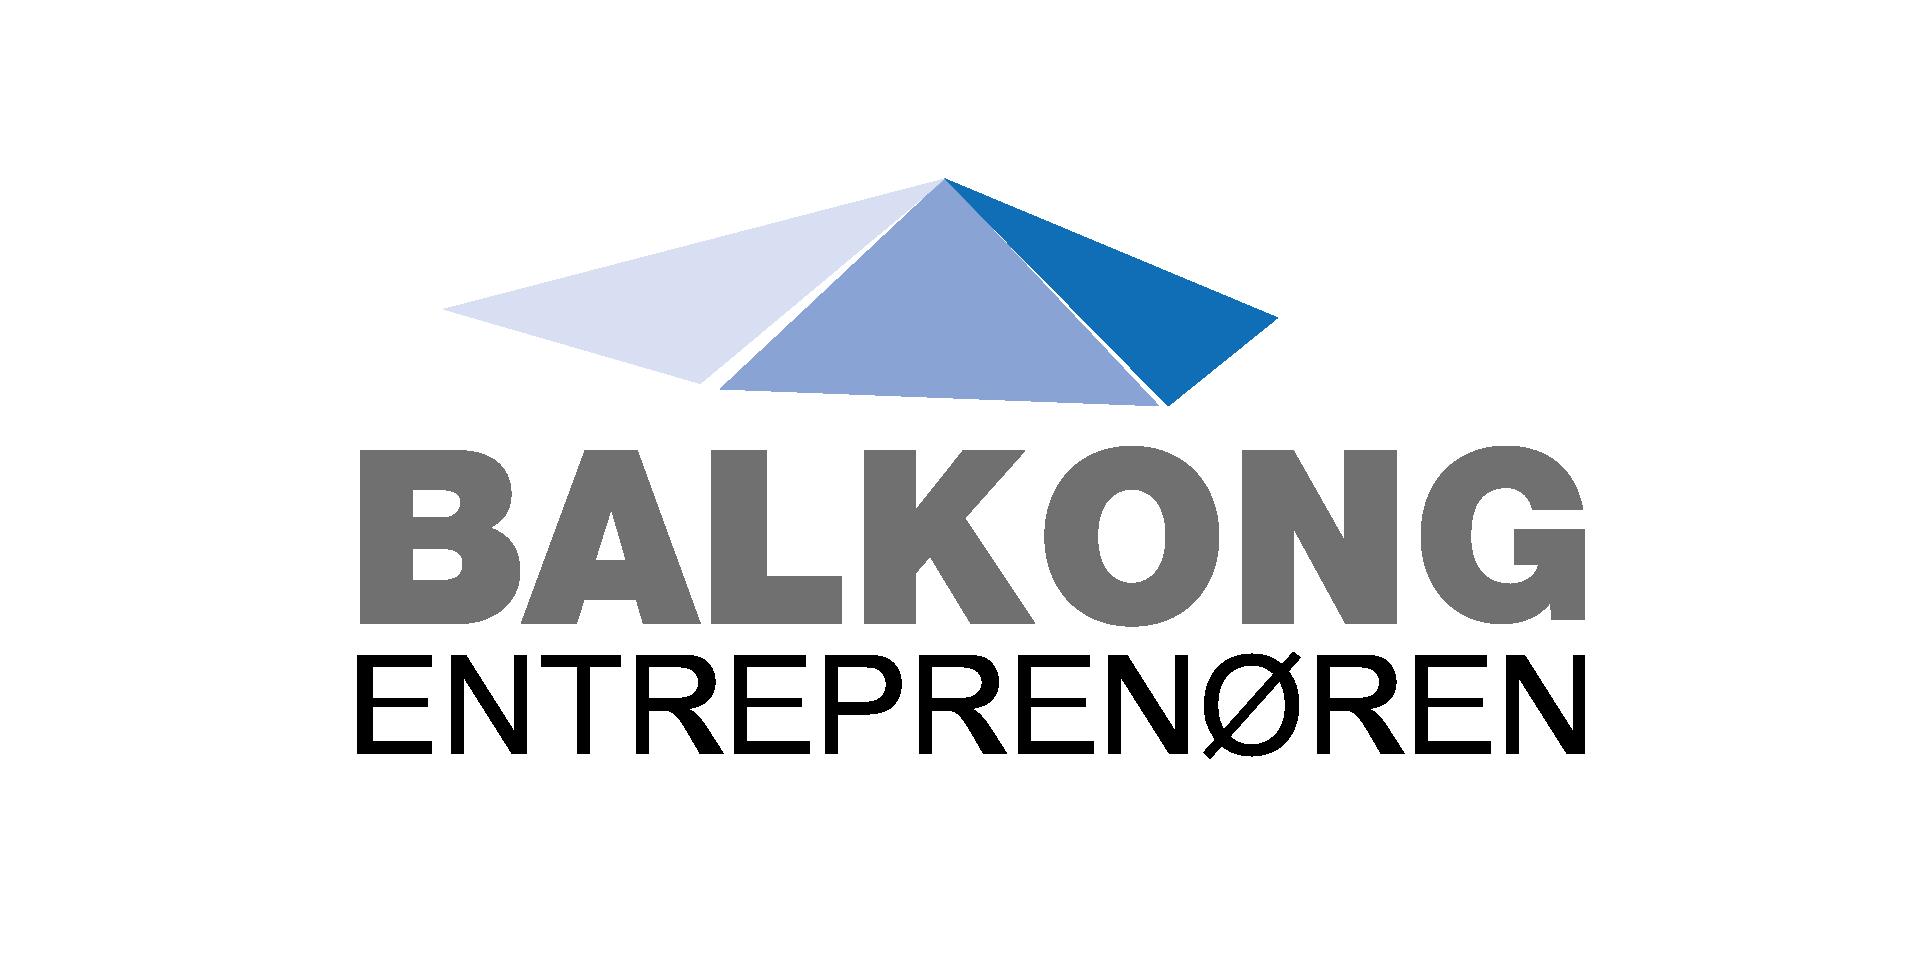 Balkong entreprenøren